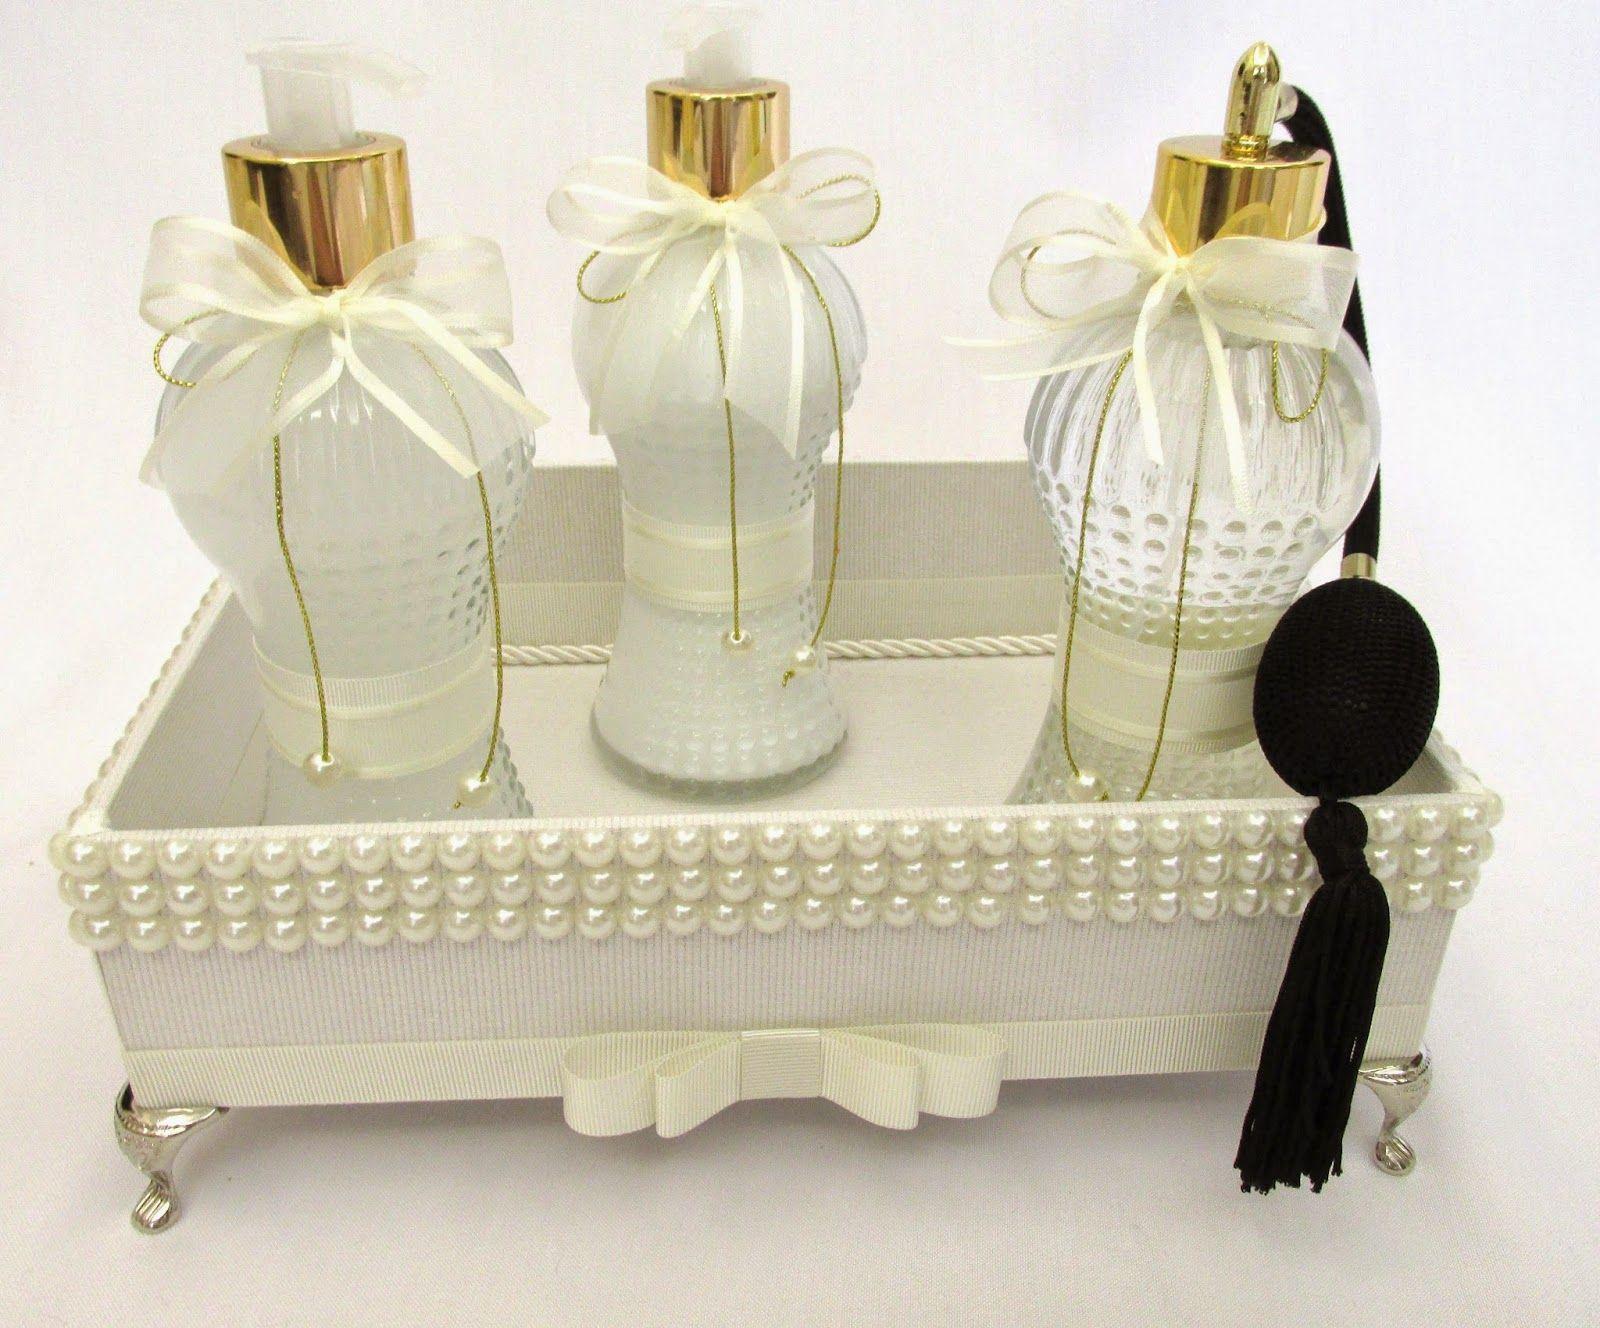 Divina caixa kit lavabo luxo com decora o em p rolas for Kit casa icf